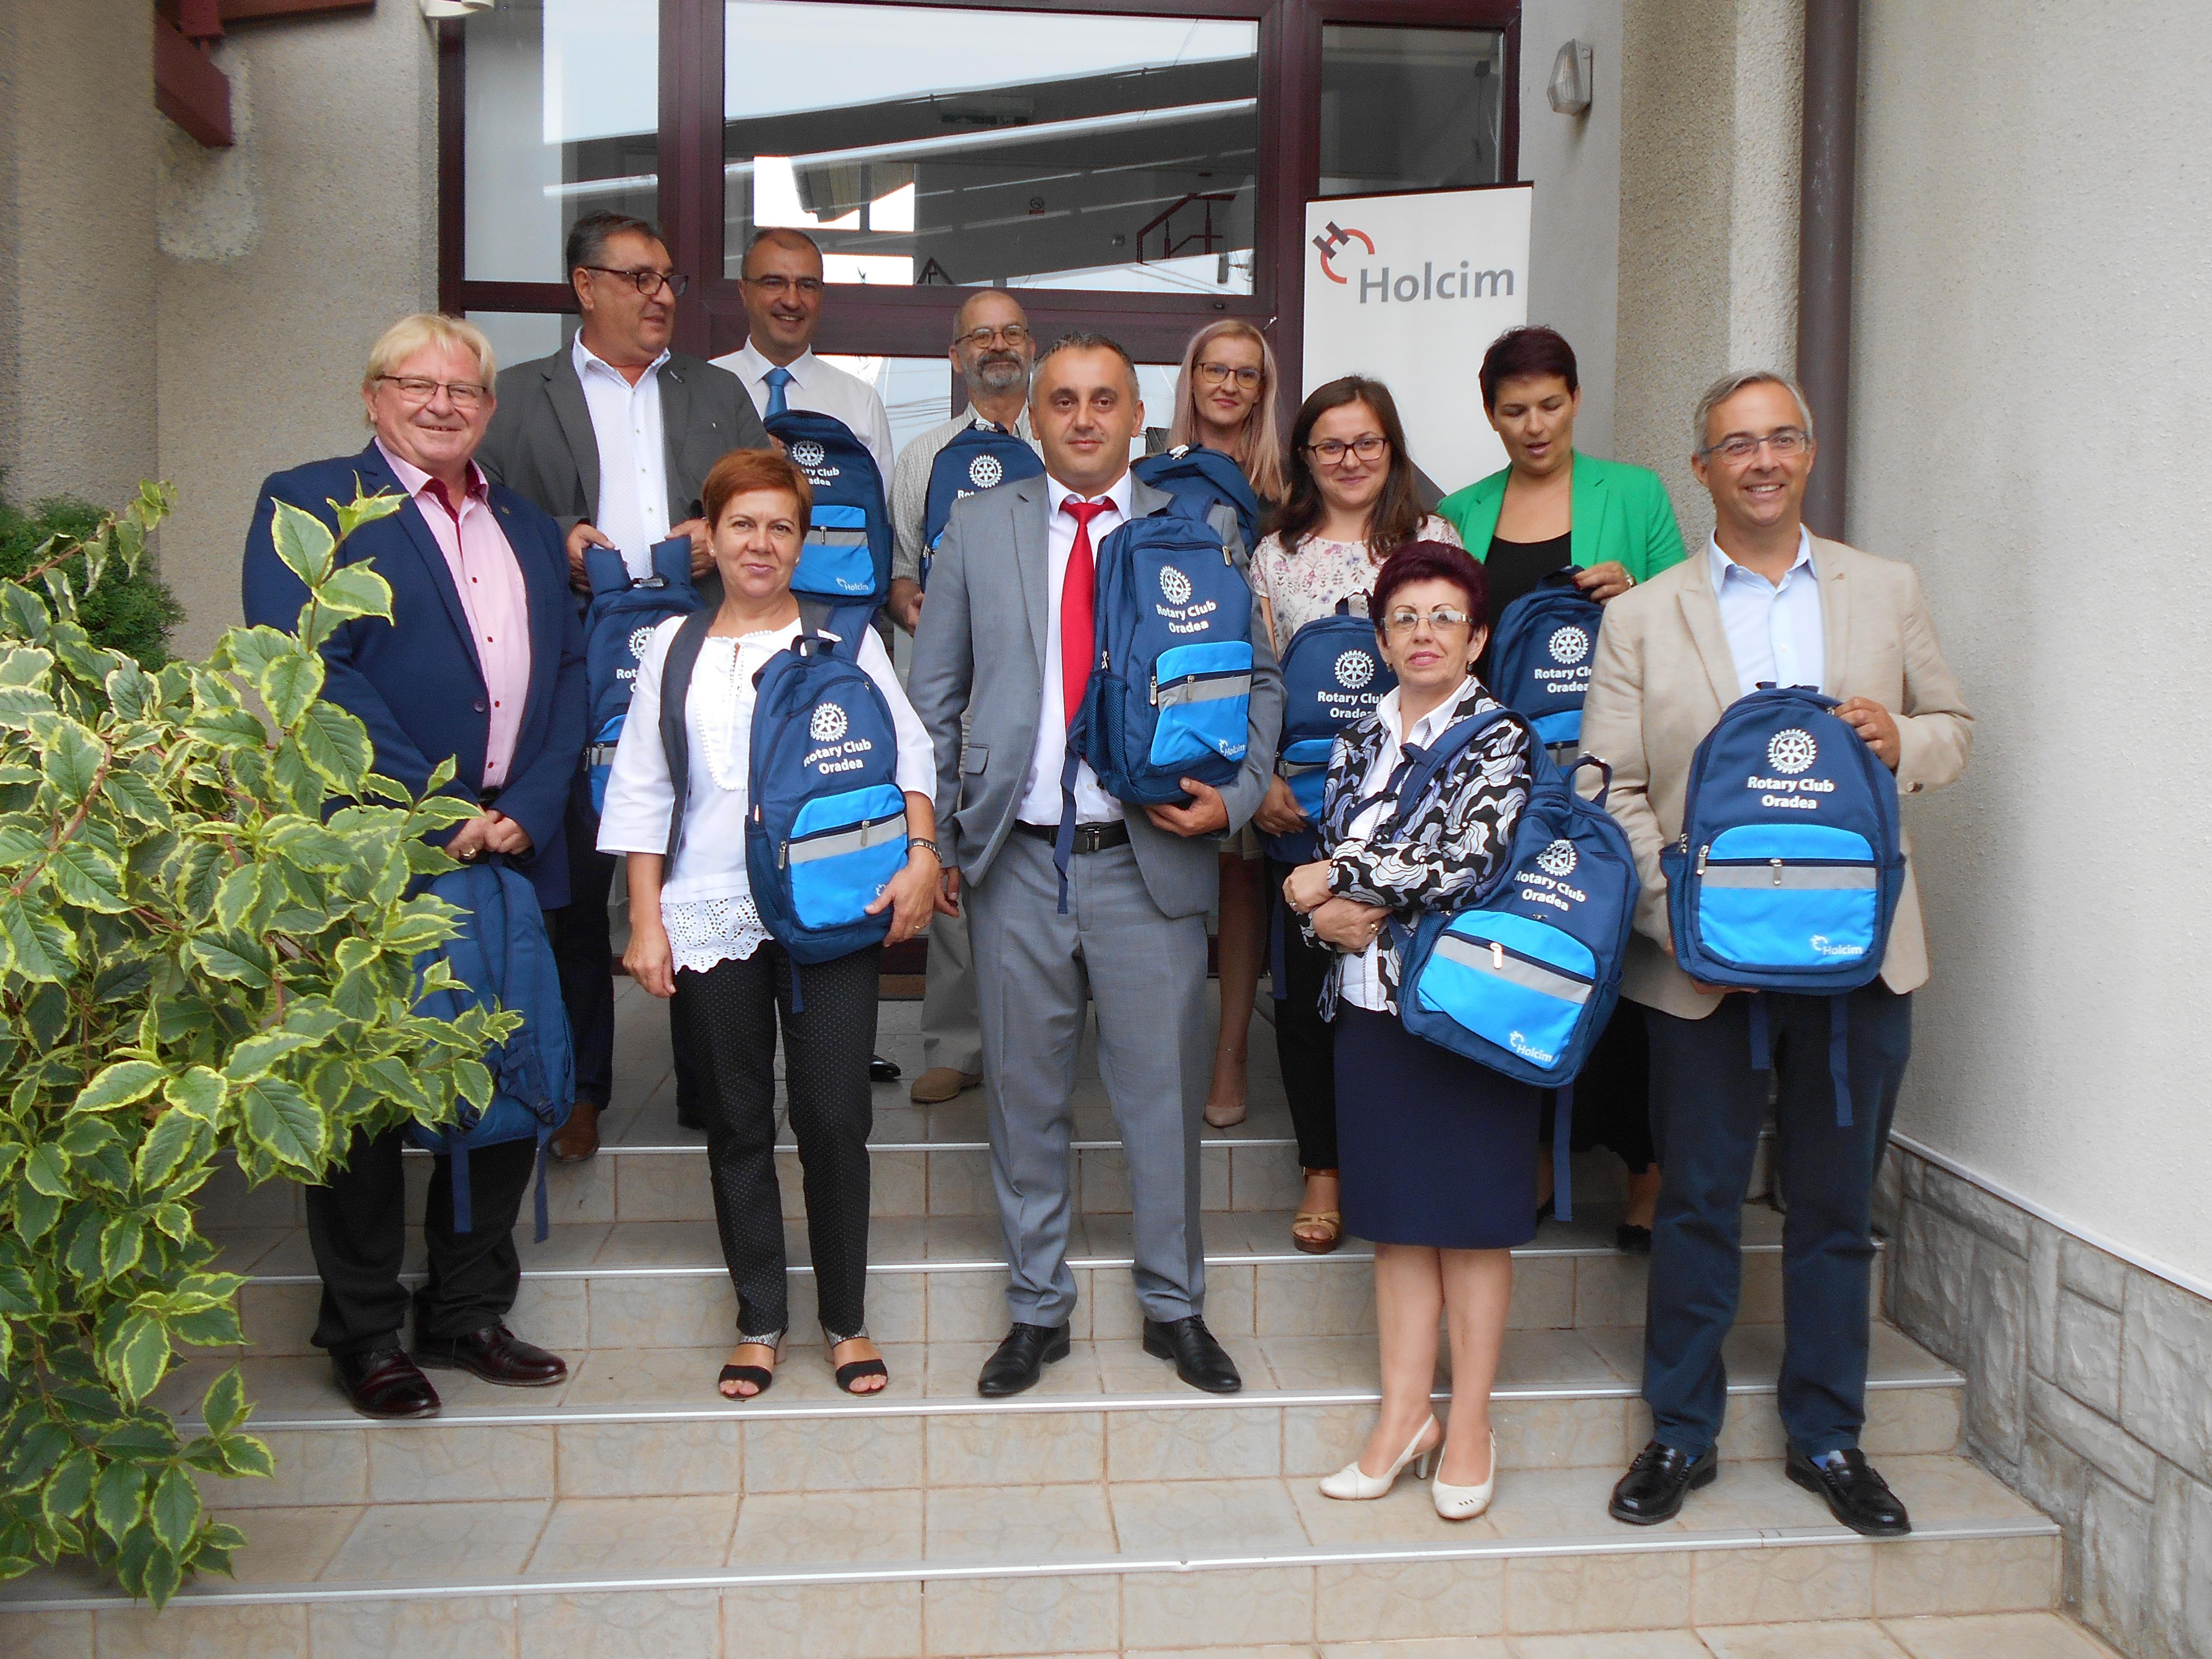 Reprezentanti ai Rotary